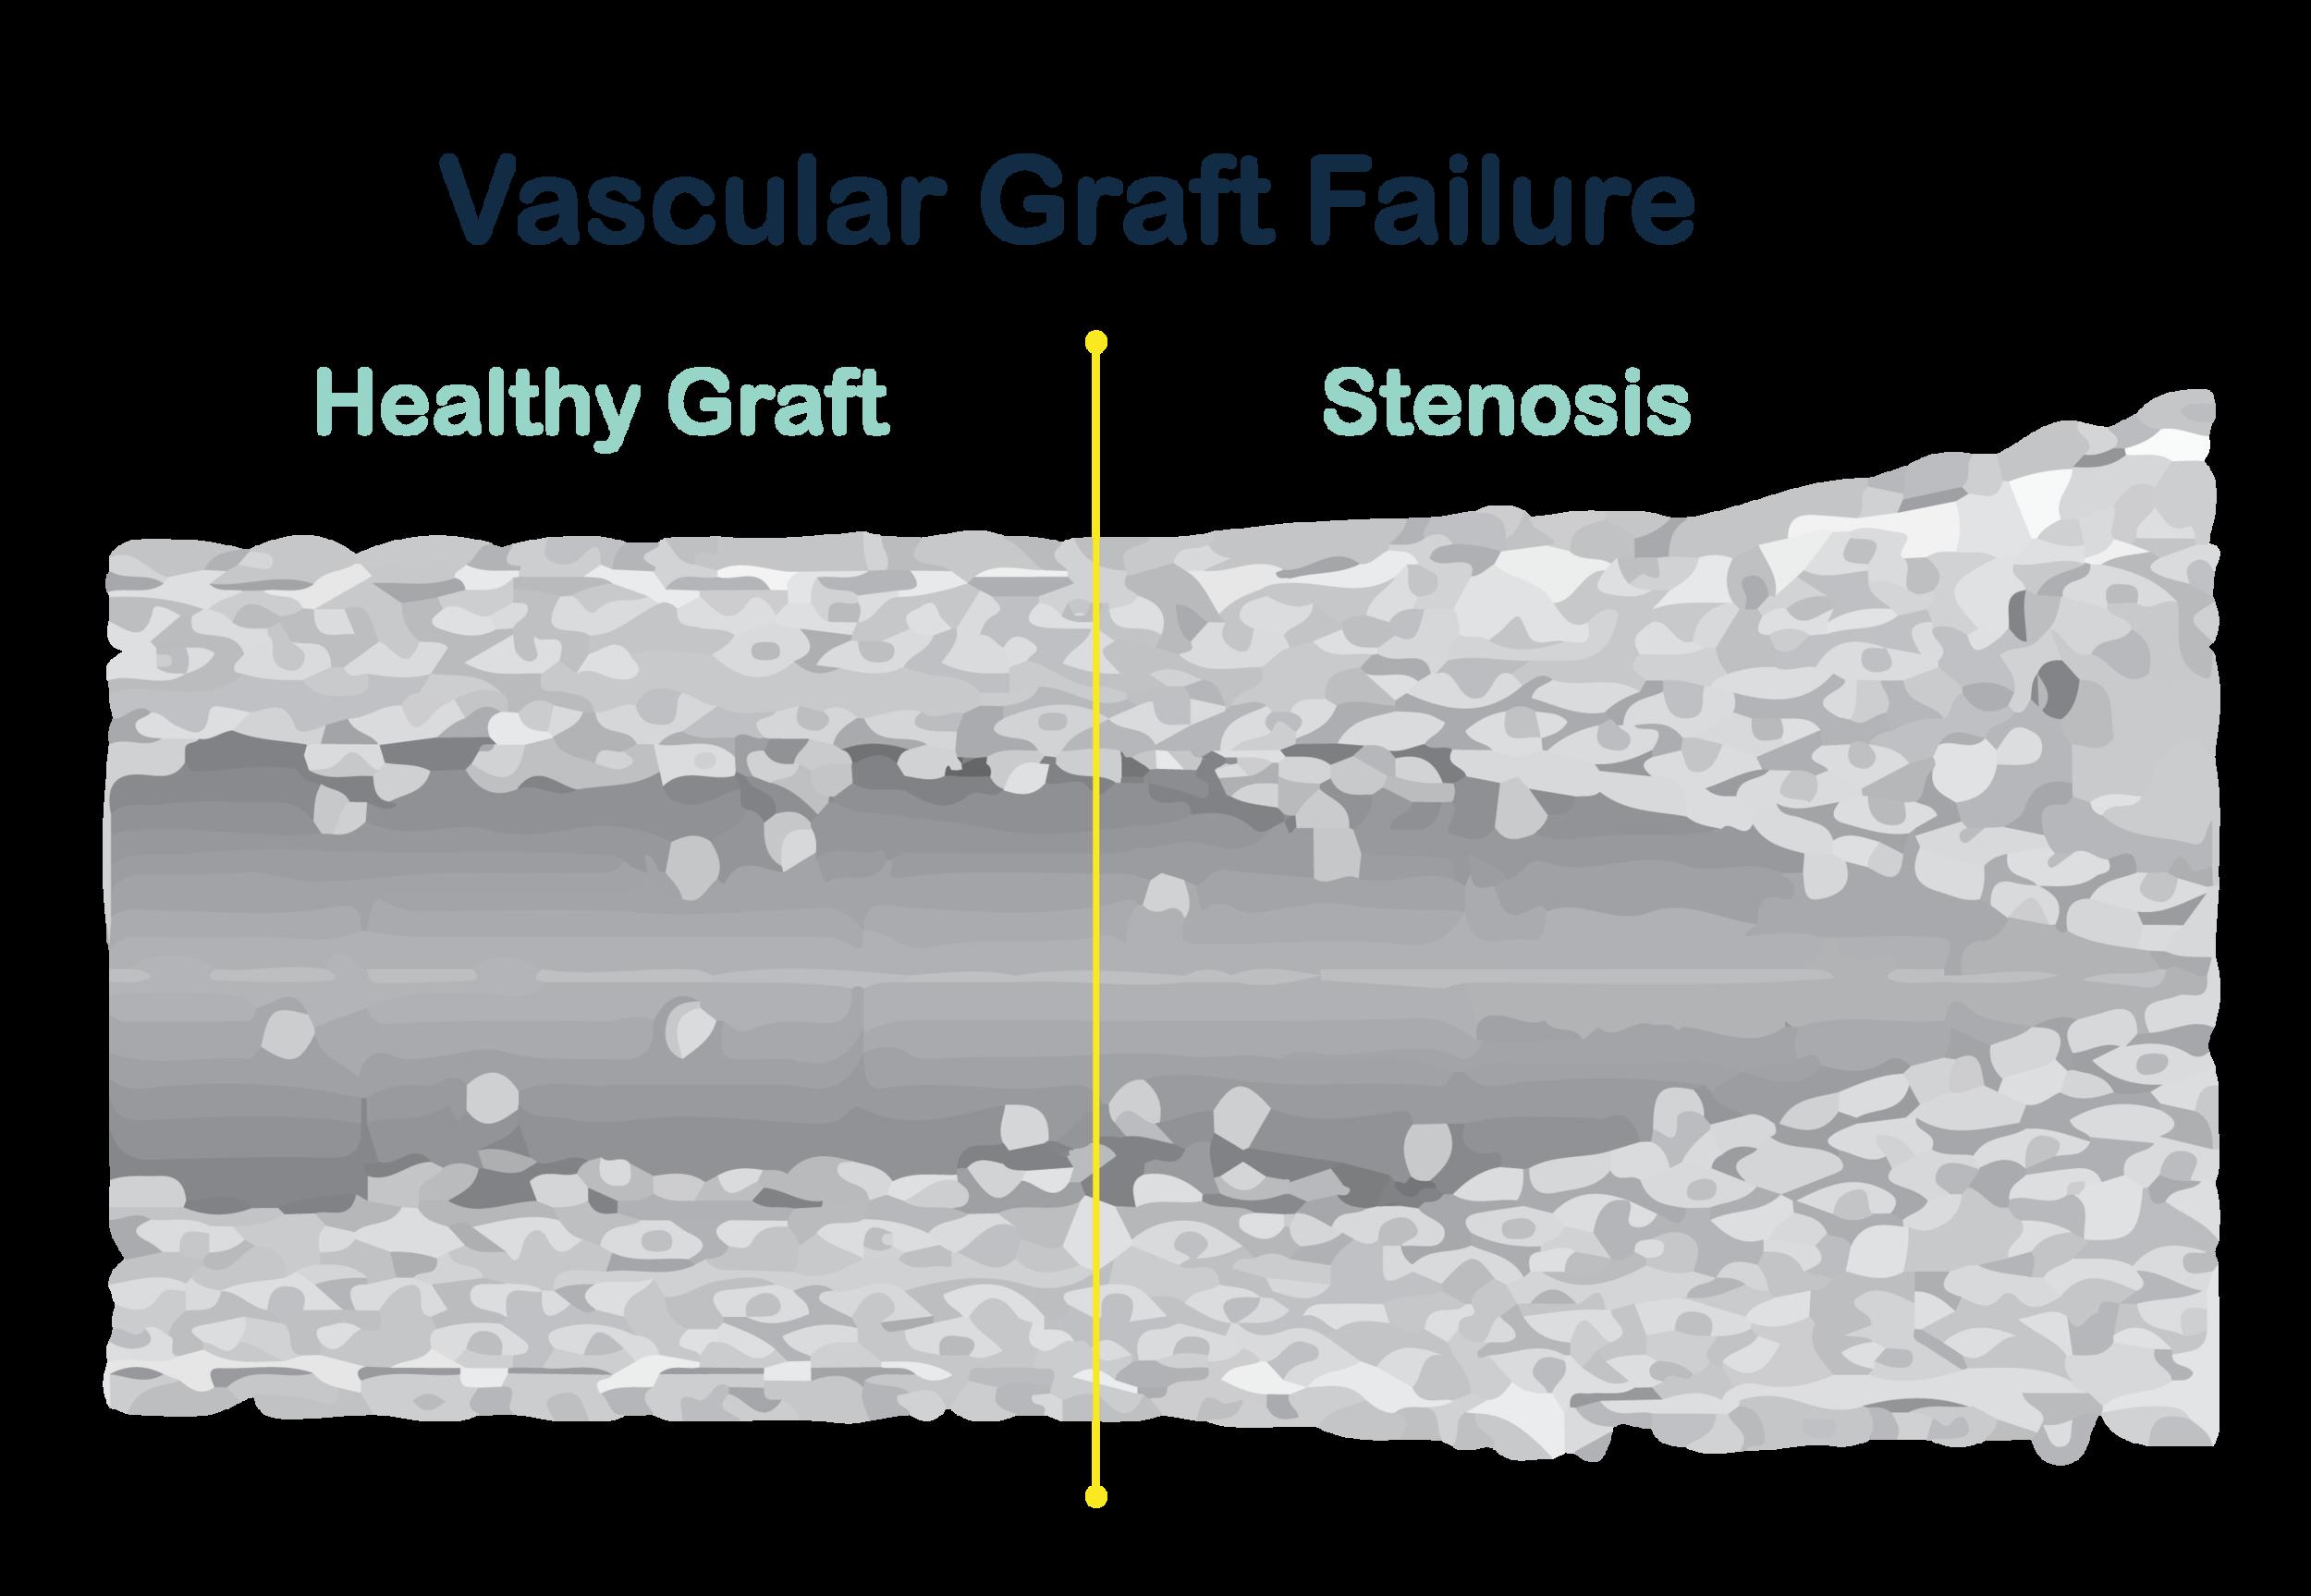 graft failure diagram v2-01.png